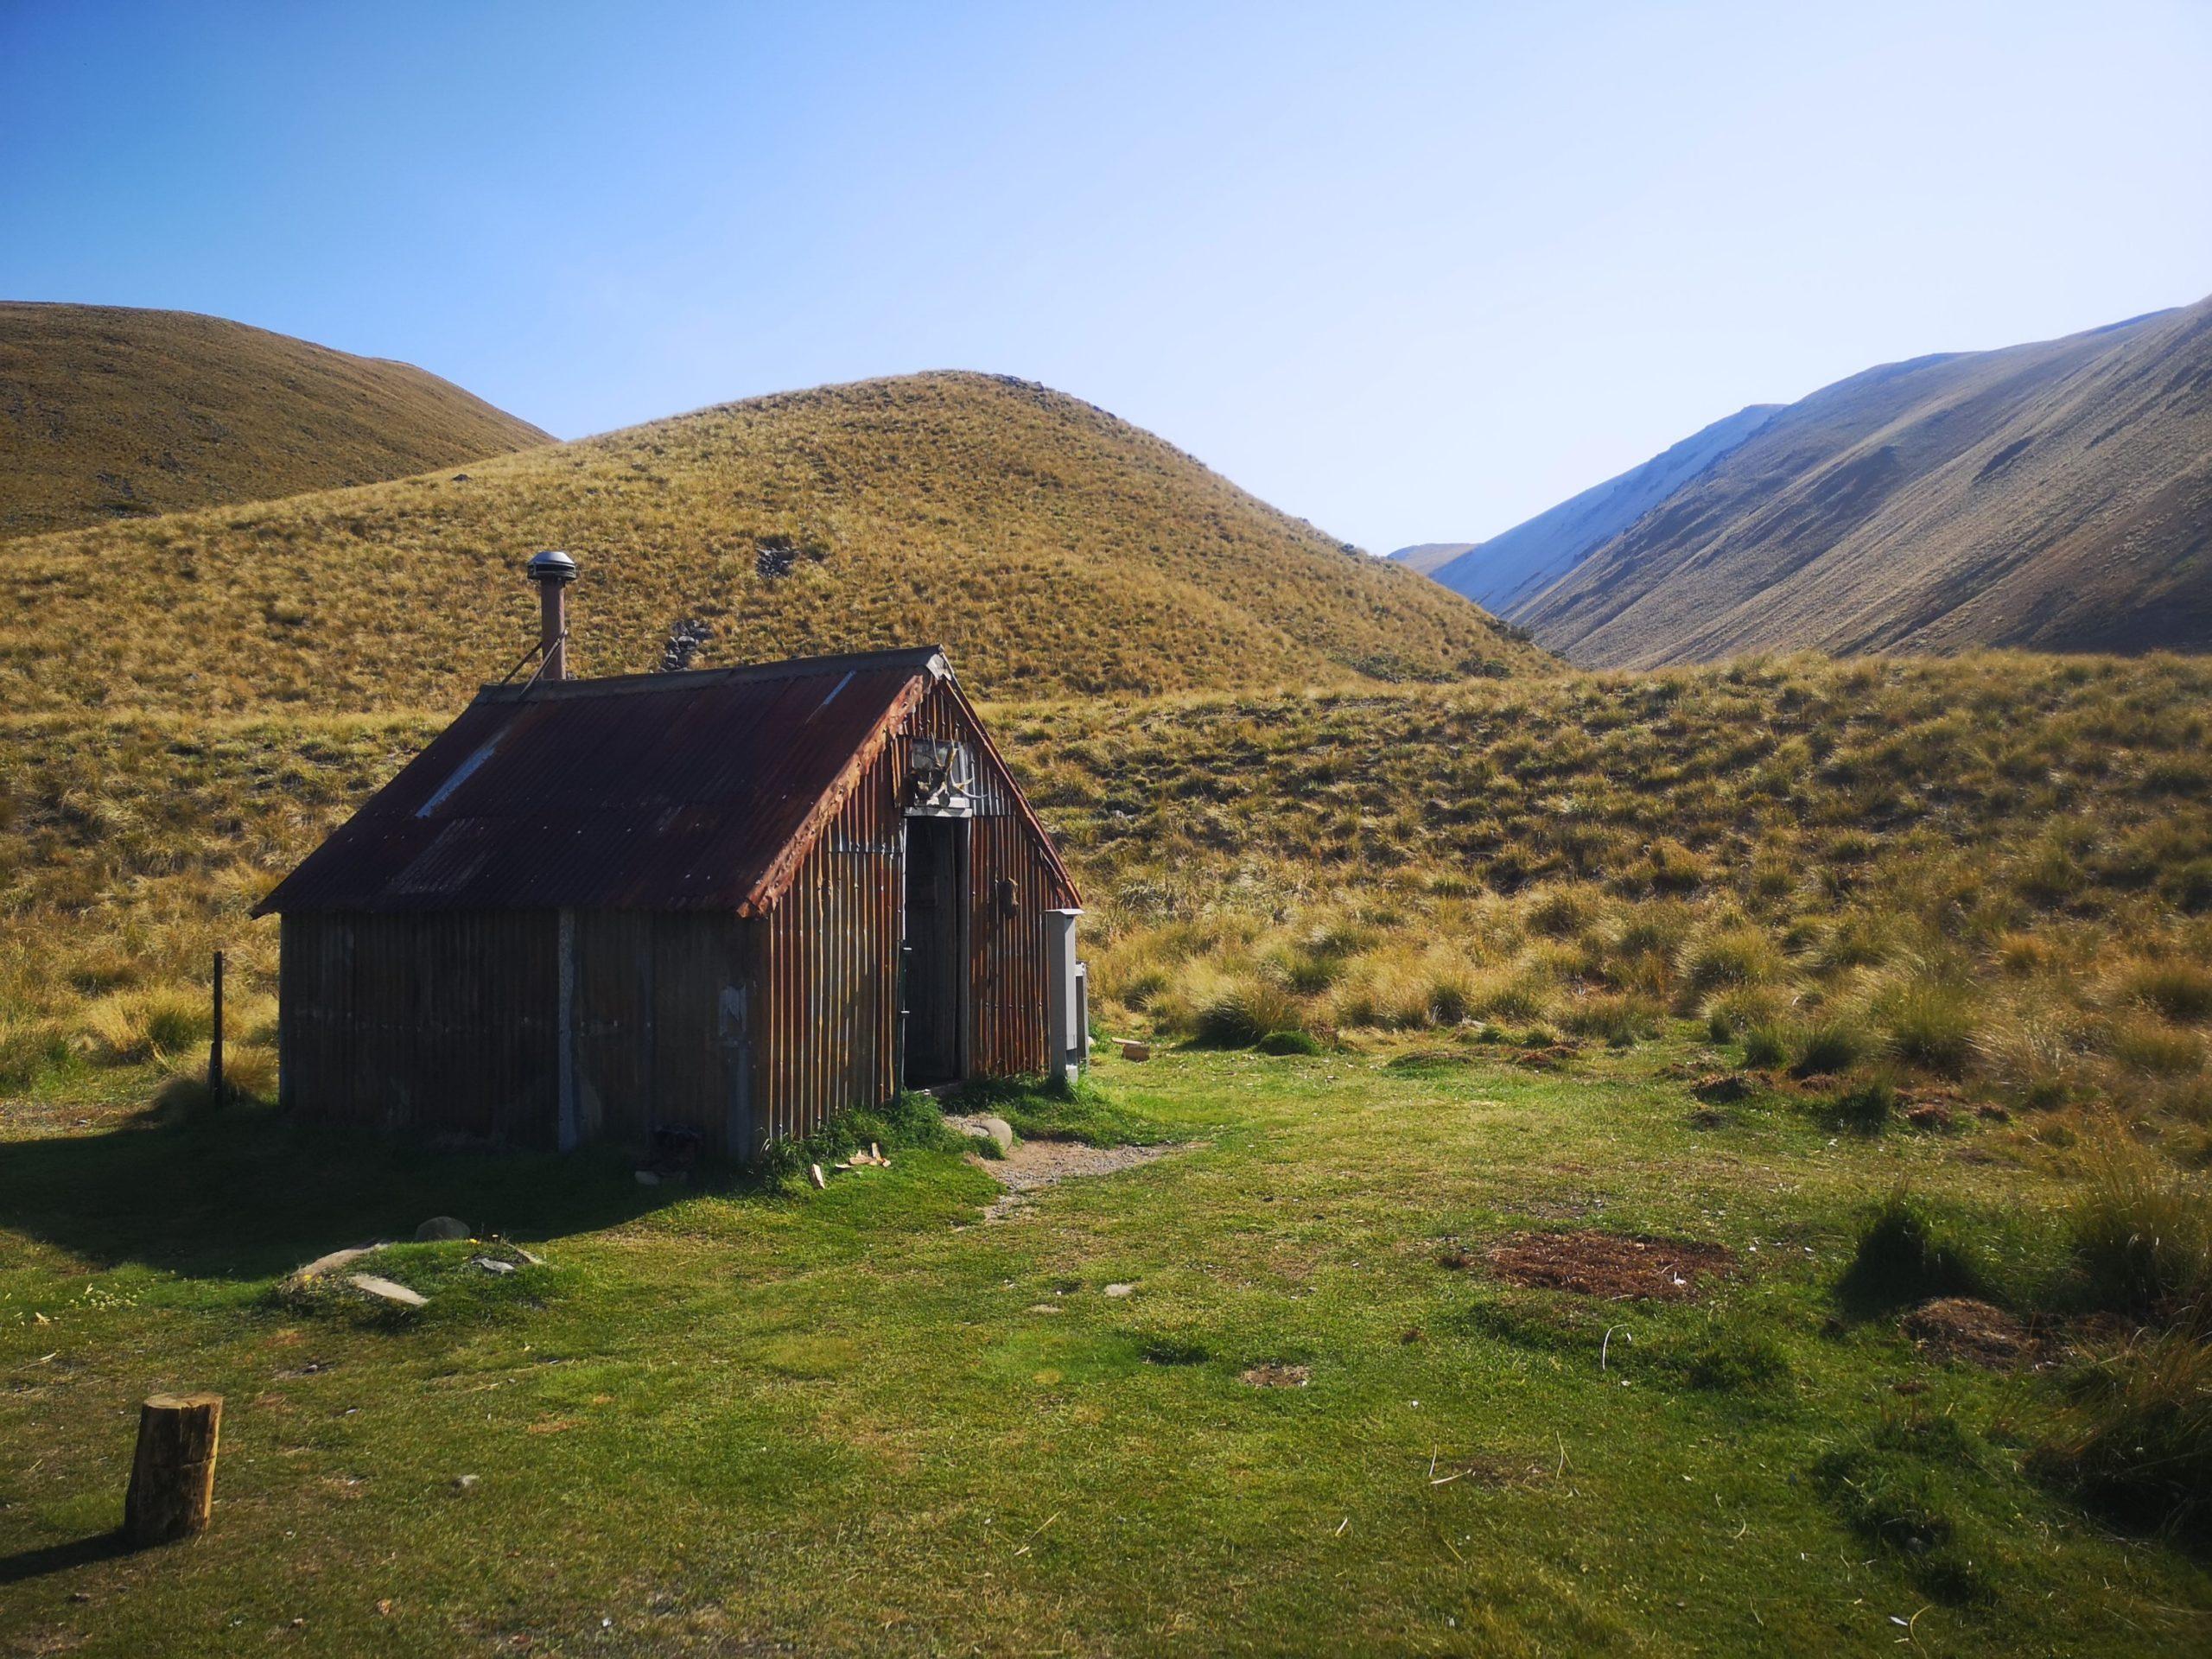 Górska chatka na szlaku Te Araroa - jeden z niewielu przykładów darmowego noclegu (choć mile widziany jest datek na utrzymanie chatki).